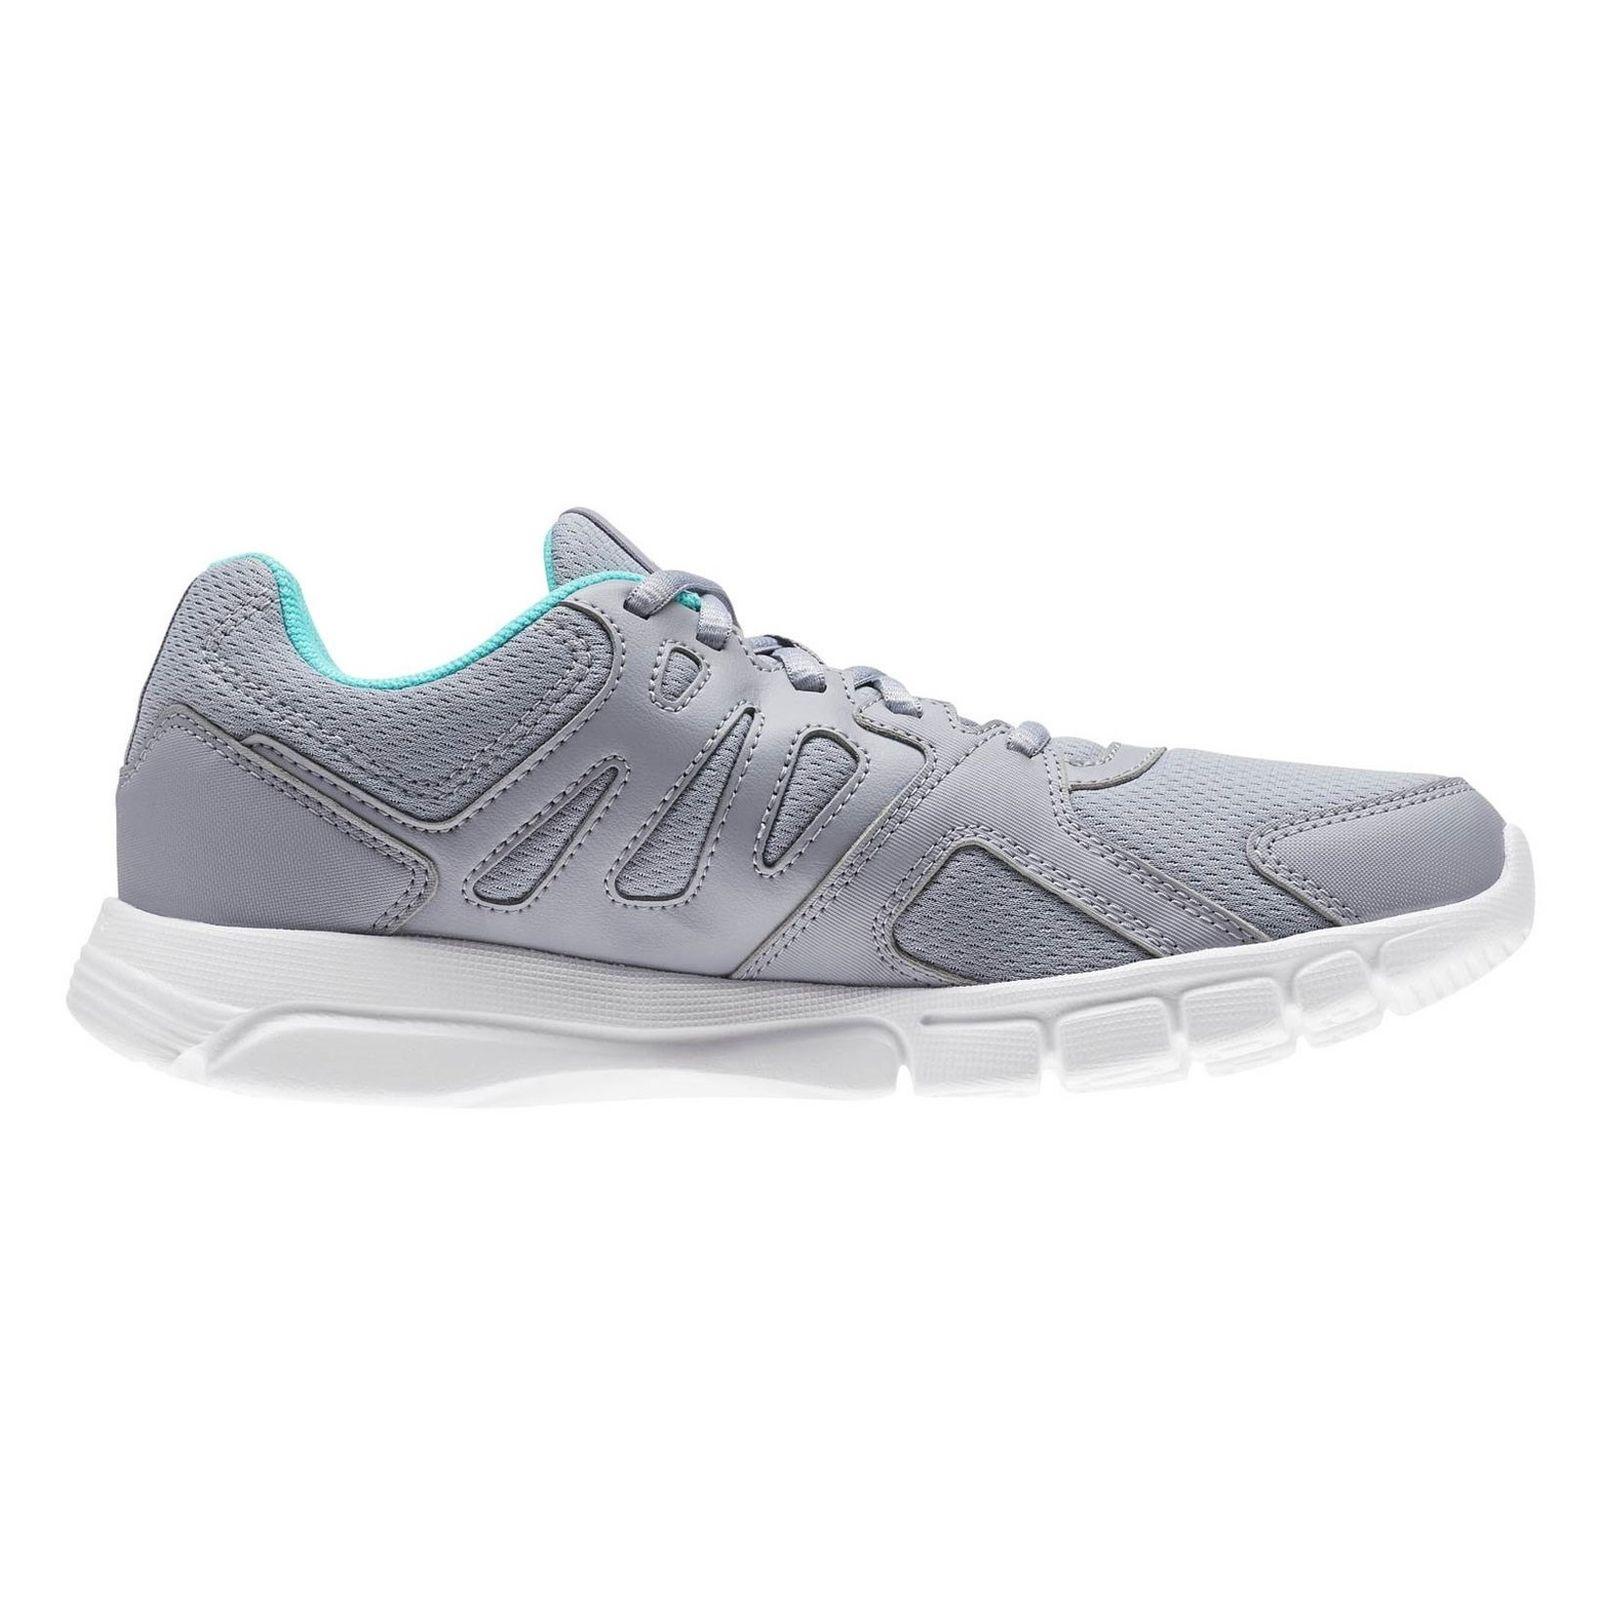 کفش تنیس زنانه Trainfusion Nine 3-0 - ریباک - طوسي - 1